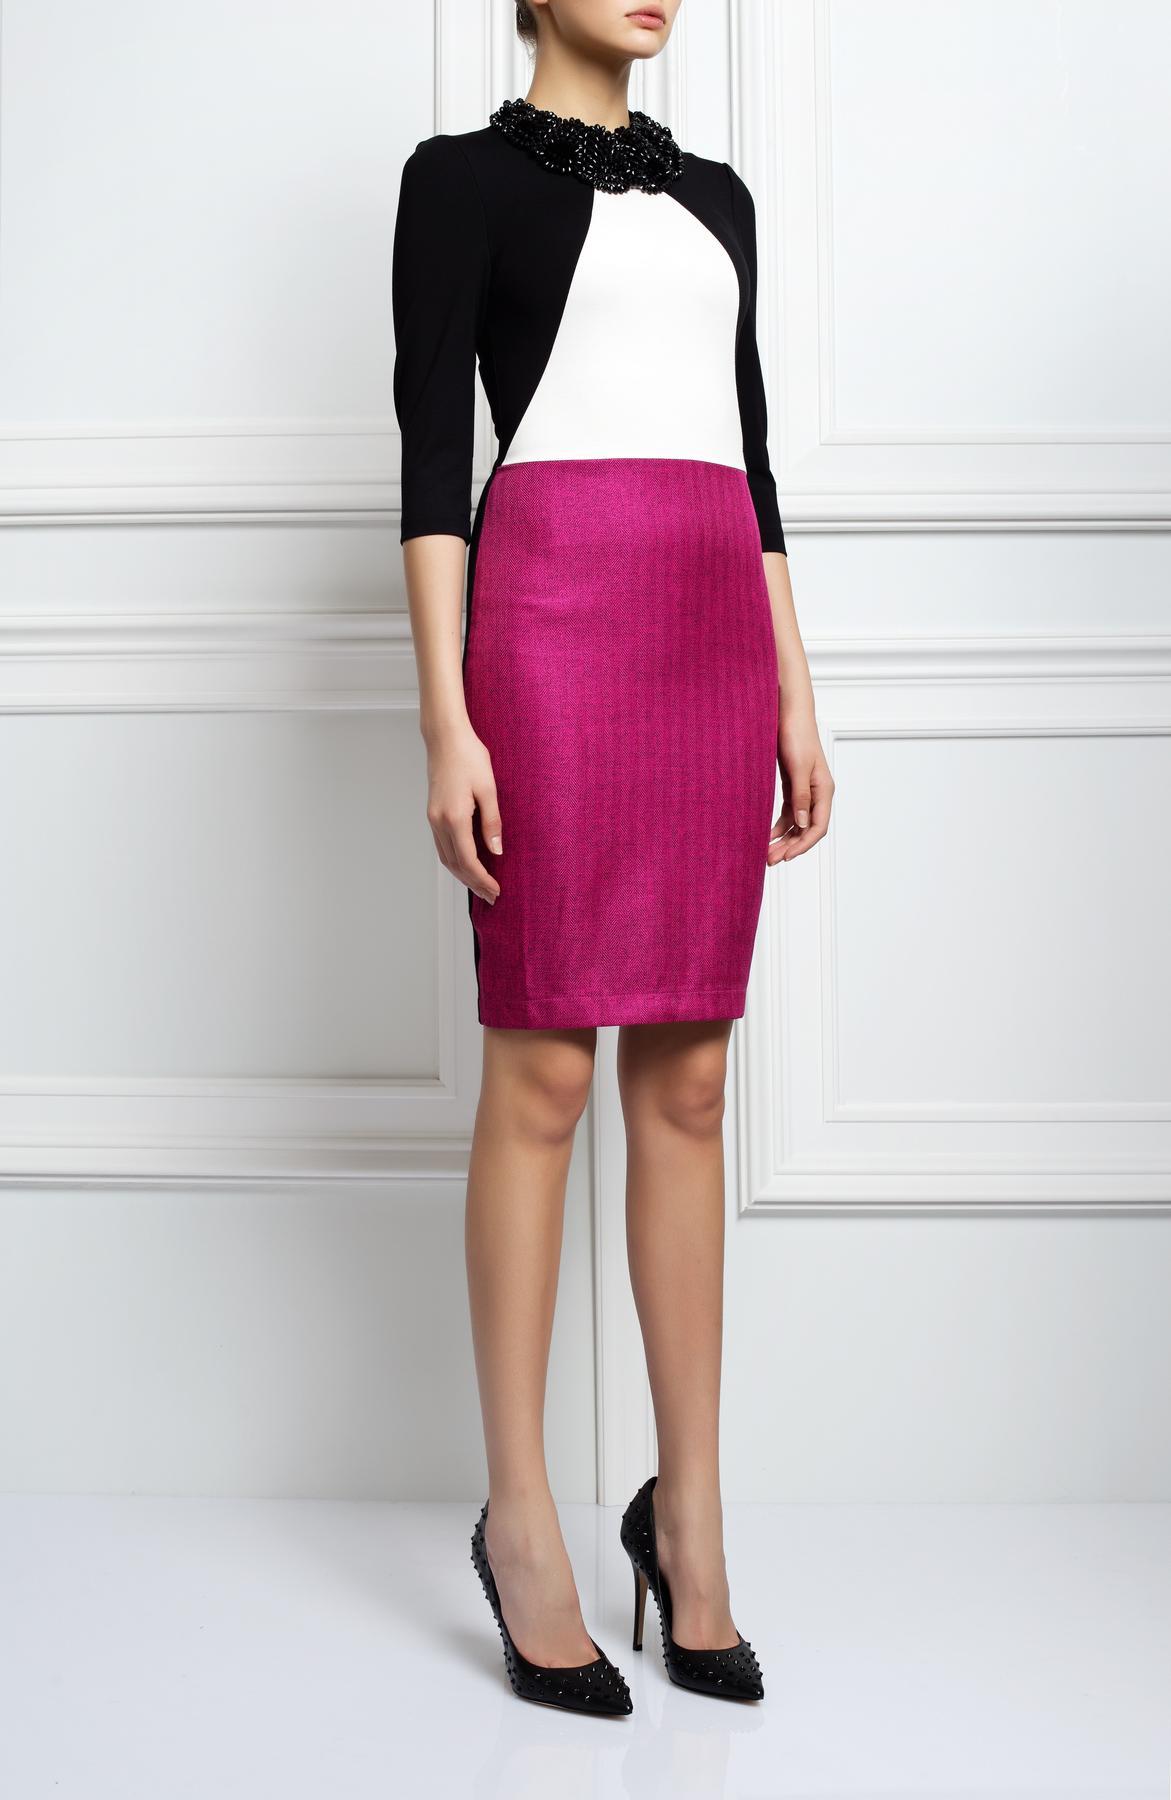 ПлатьеПлатья<br>Женское платье с круглой горловиной и рукавами 3/4. Модель выполнена из плотной ткани. Отличный выбор для повседневного гардероба.  Цвет: розовый, черный, белый<br><br>По образу: Город,Свидание<br>По стилю: Молодежный стиль,Повседневный стиль<br>По материалу: Вискоза,Тканевые<br>По рисунку: Цветные<br>По сезону: Весна,Осень<br>По силуэту: Полуприталенные<br>По форме: Платье - футляр<br>По длине: Миди<br>Рукав: Рукав три четверти<br>Горловина: С- горловина<br>Размер: 42,44,46,48<br>Материал: 65% вискоза 30% хлопок 5% эластан<br>Количество в наличии: 1